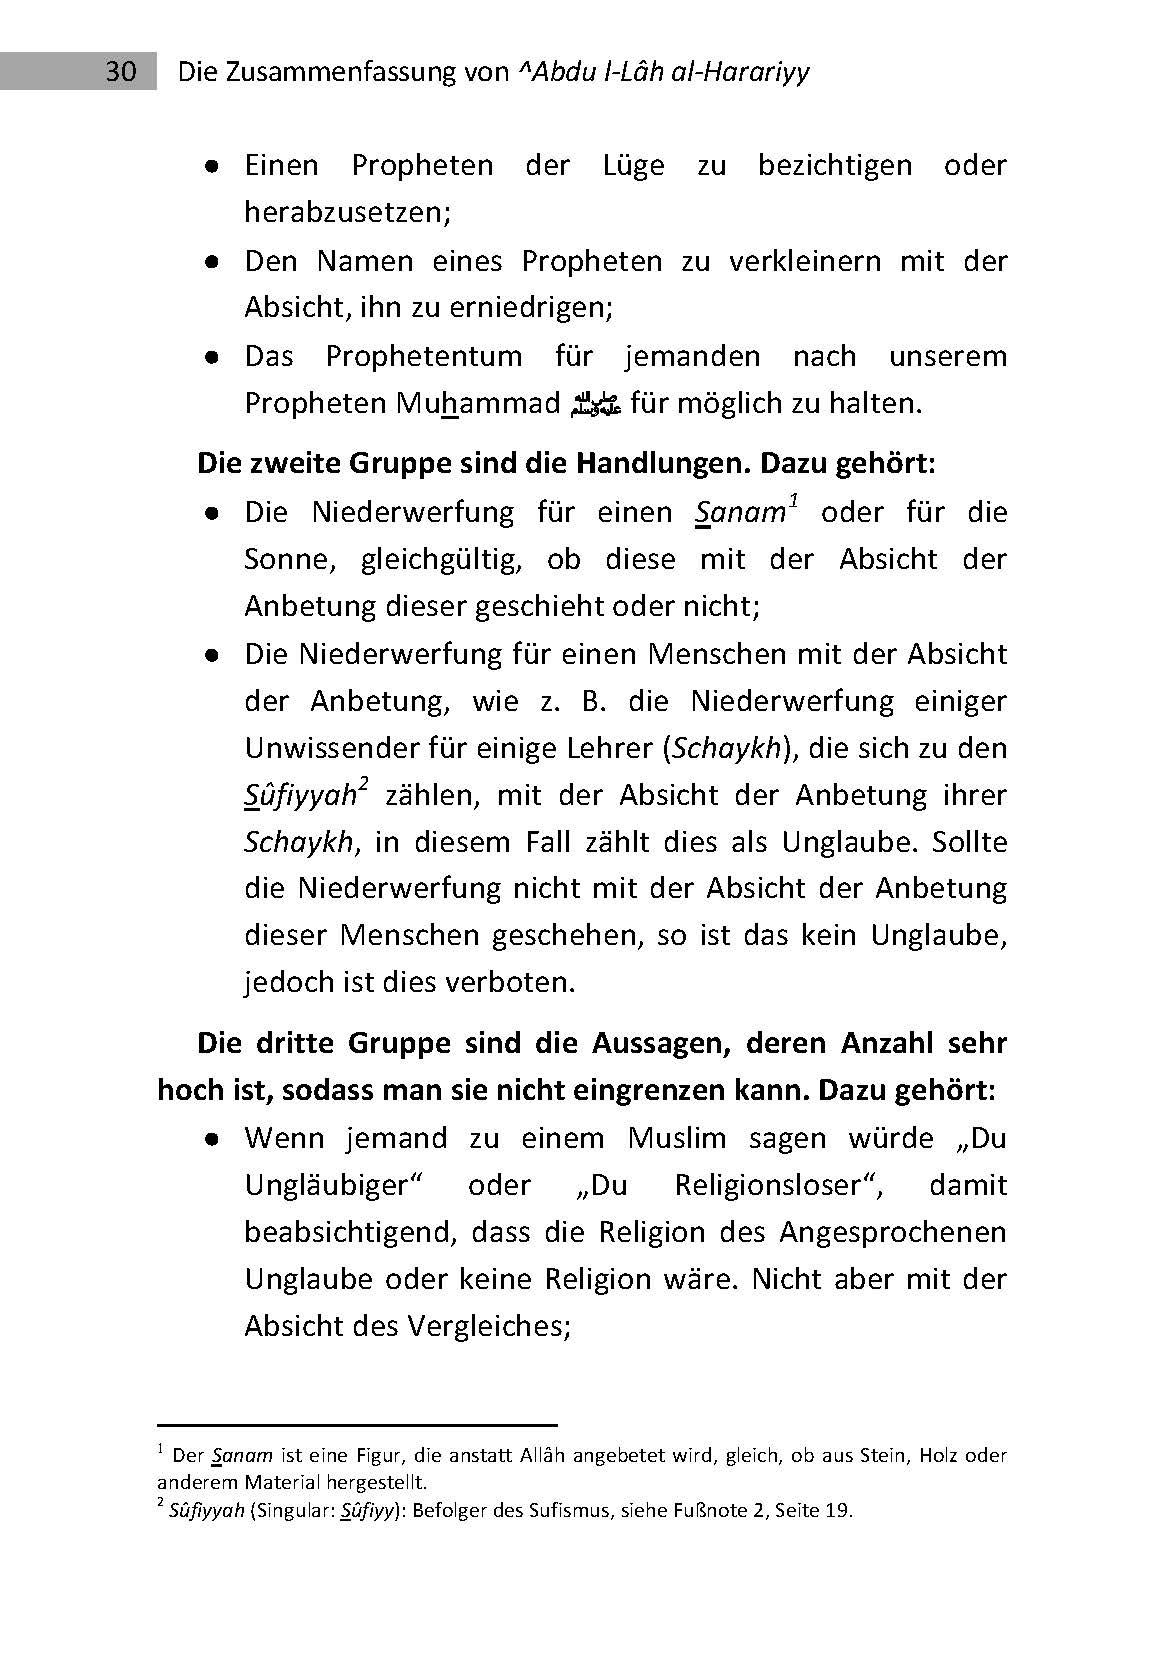 Die Zusammenfassung - 3. Auflage 2014_Seite_30